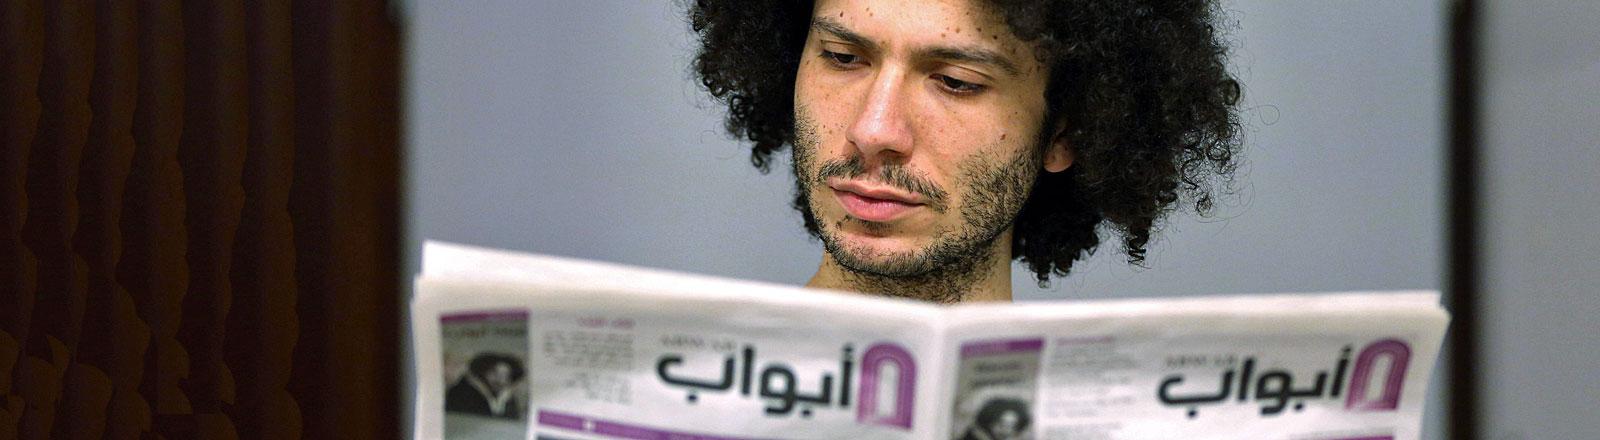 Der syrische Flüchtling Ramy Al-Asheq, Chefredakteur der Flüchtlingszeitung «Abwab»